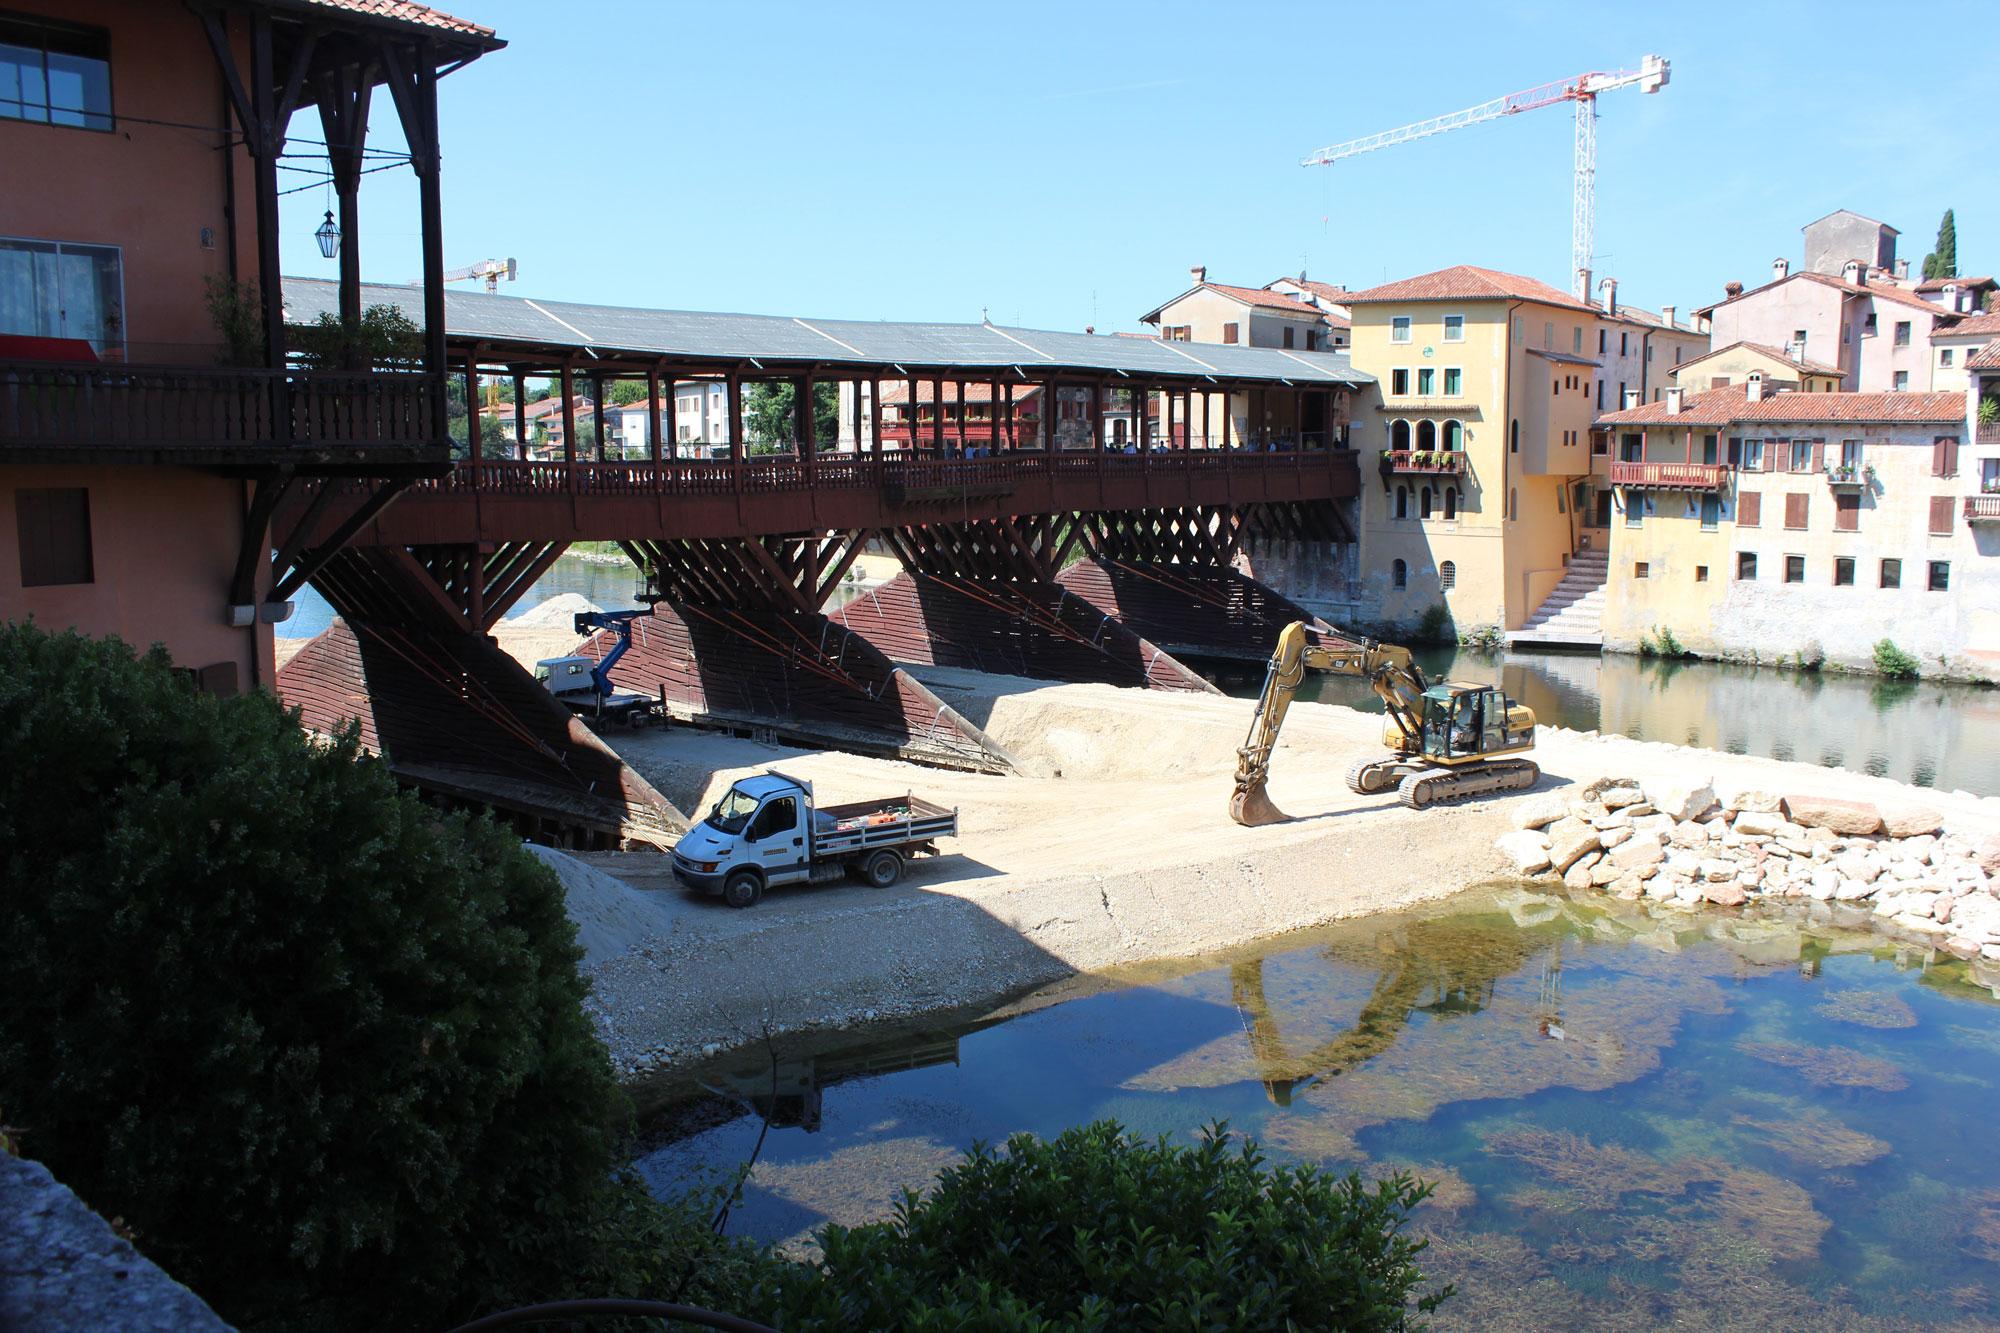 Architetto Bassano Del Grappa vicenza, bassano: l'ultima lite ferma i lavori del ponte. l